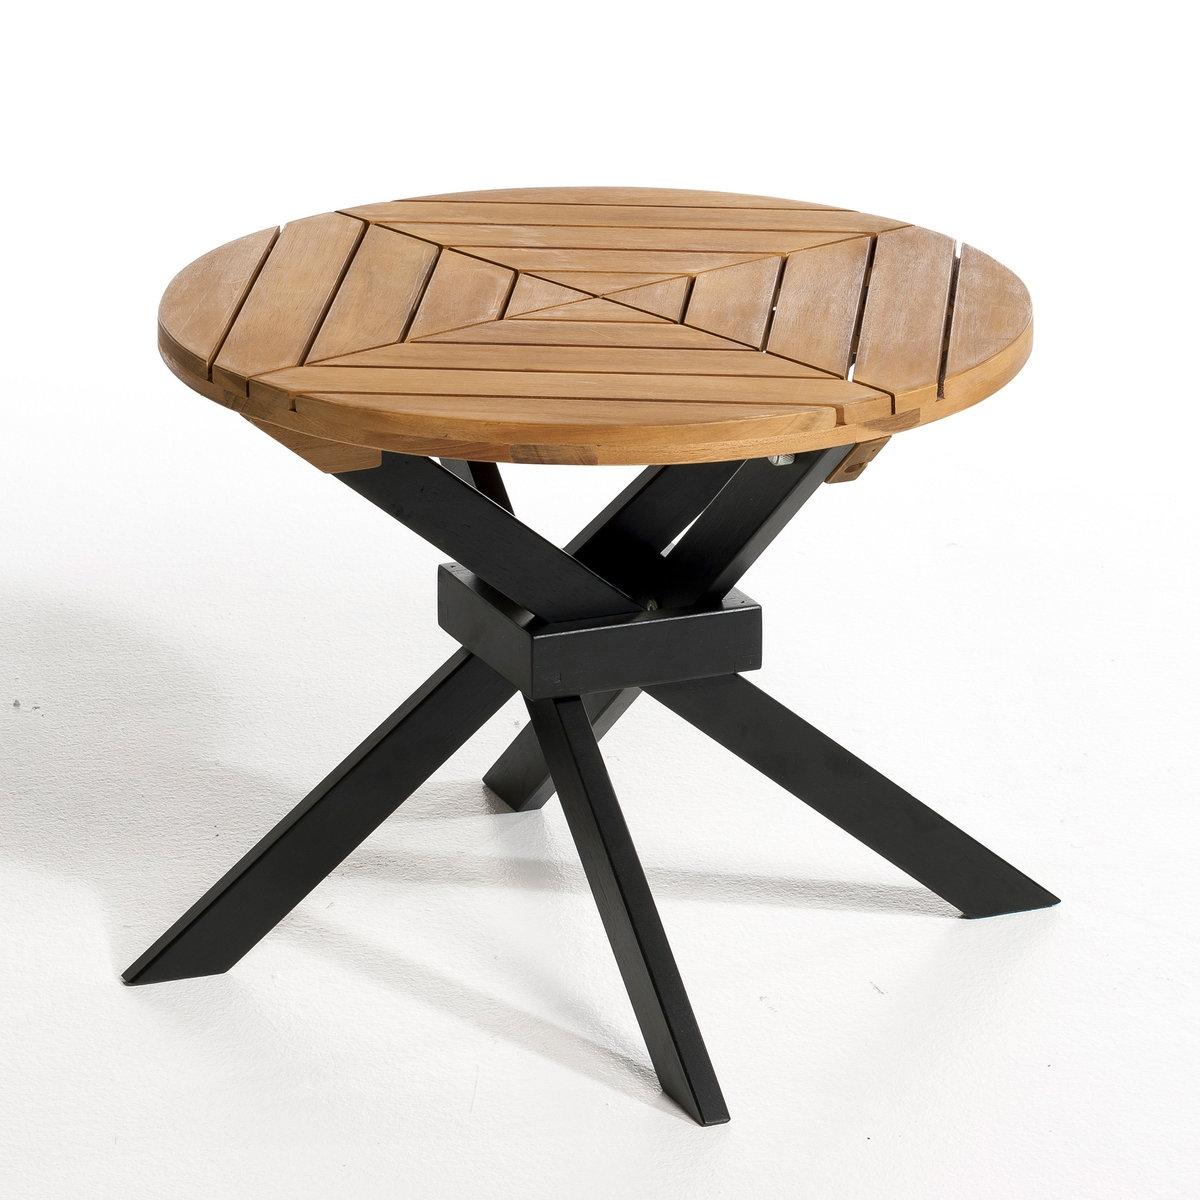 Столик садовый складной, Jakta столик садовый складной jakta